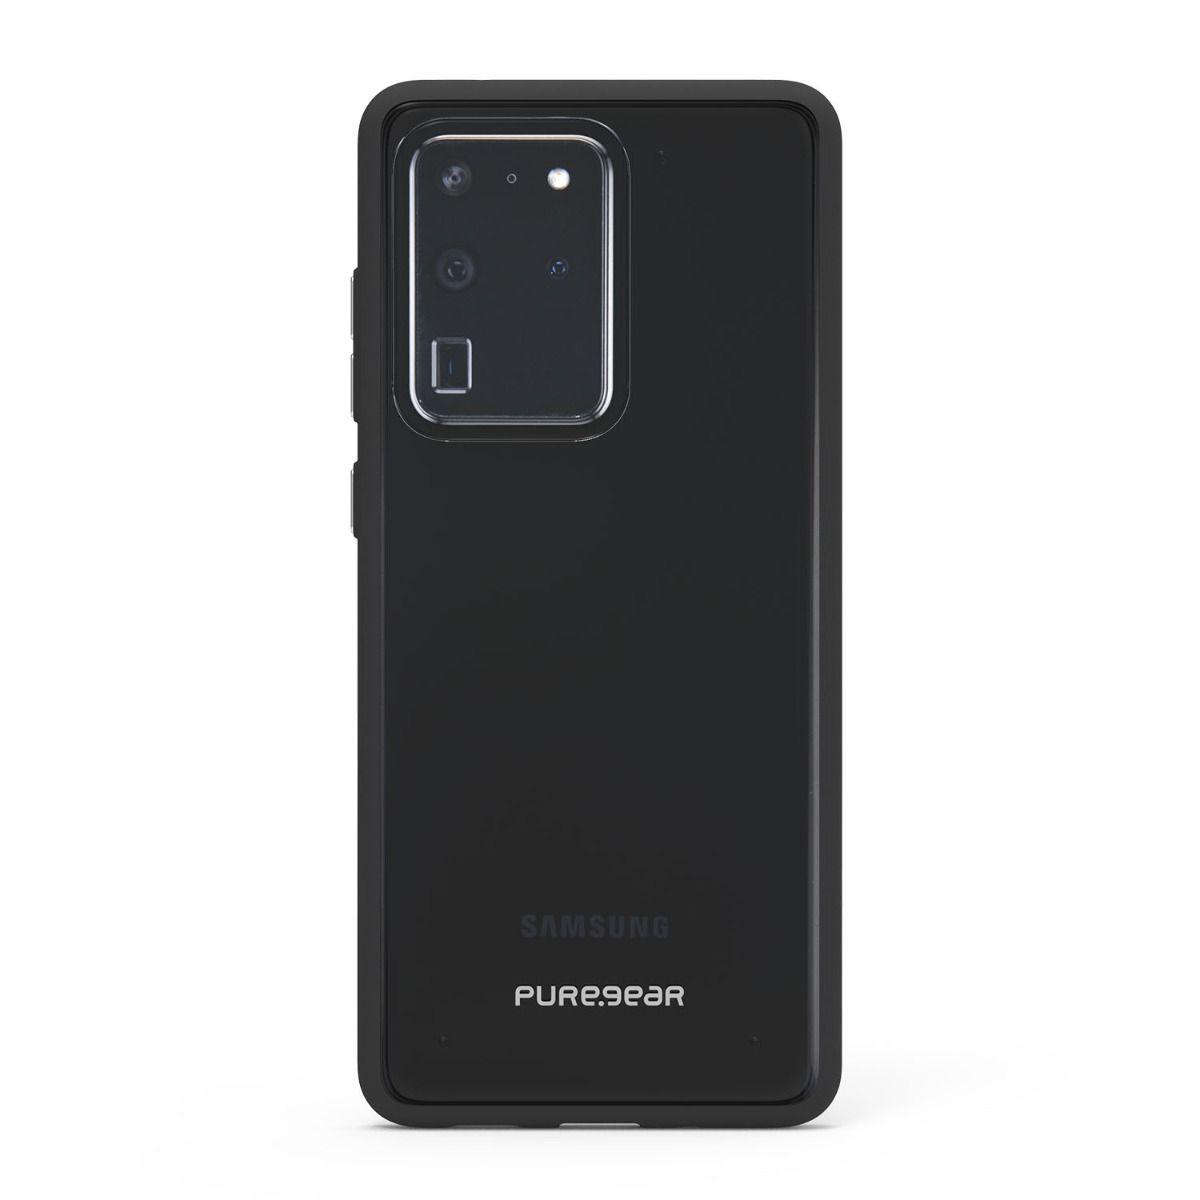 Samsung Galaxy S20 Ultra Slim Shell Case - Clear/Black